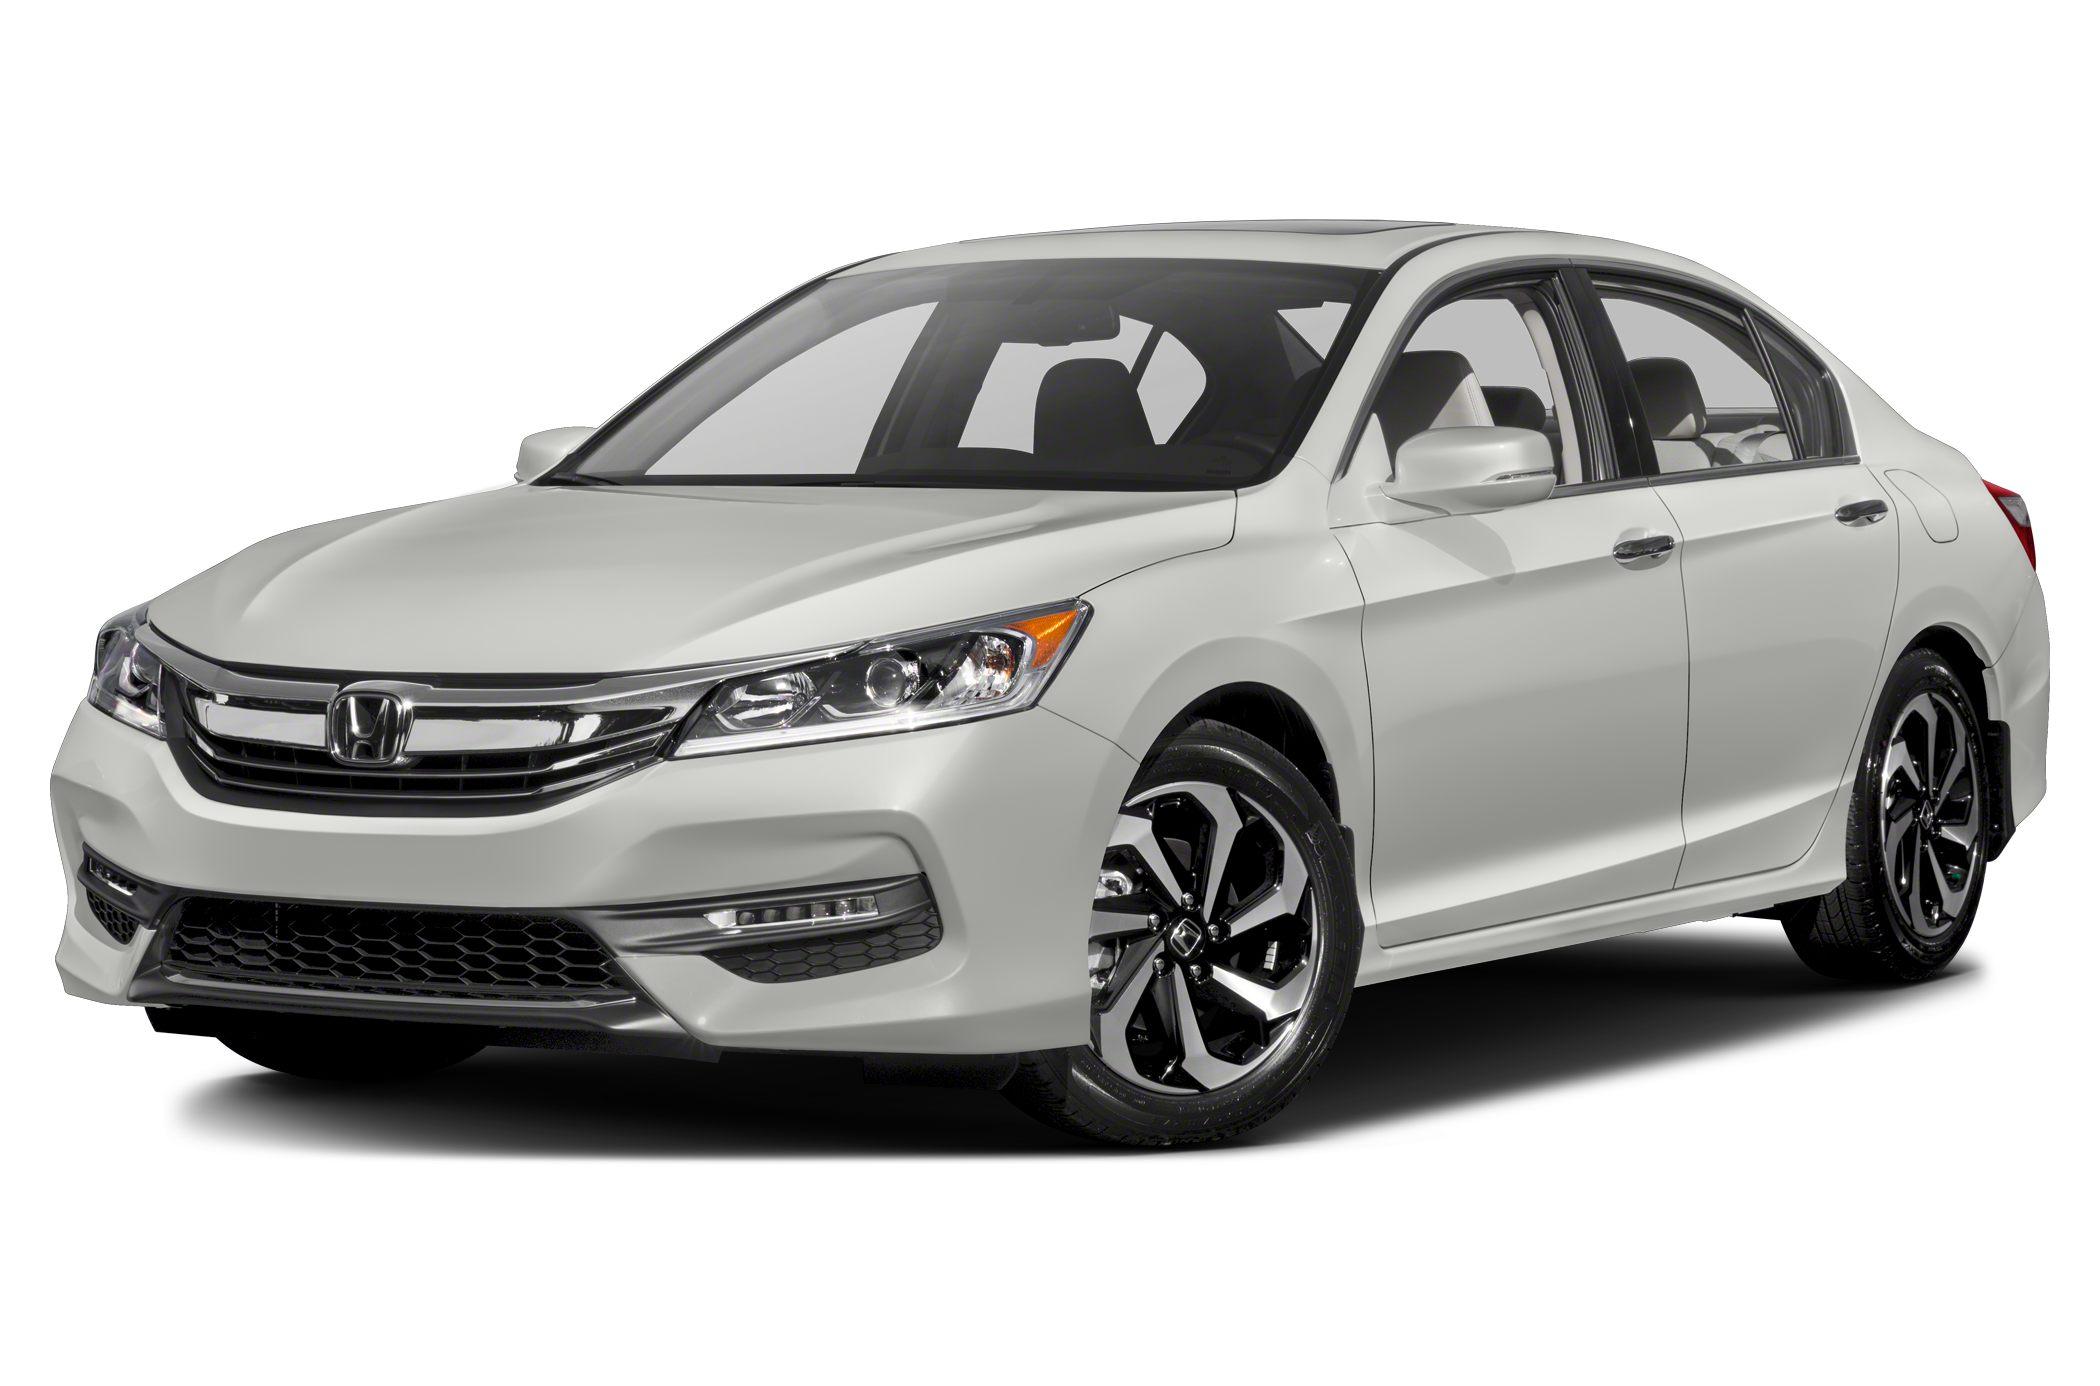 Honda Accord Ex L >> 2016 Honda Accord Ex L V 6 4dr Sedan Pictures